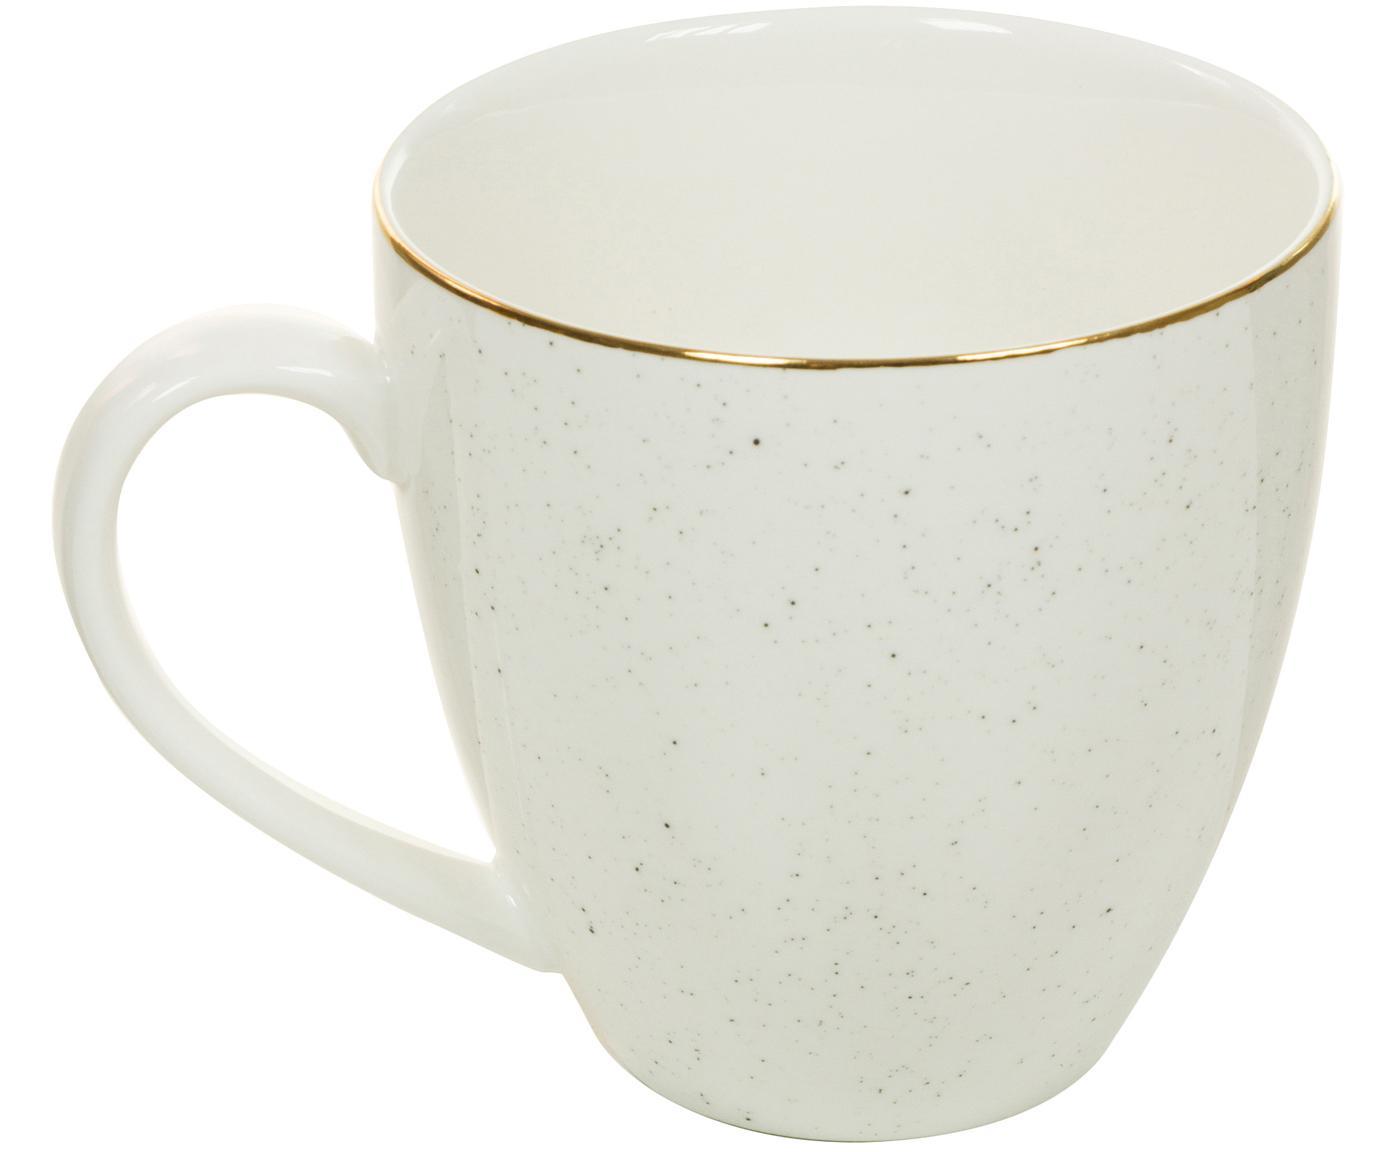 Handgemaakte koffiemokken Bol, 2 stuks, Porselein, Crèmewit, Ø 9 x H 9 cm